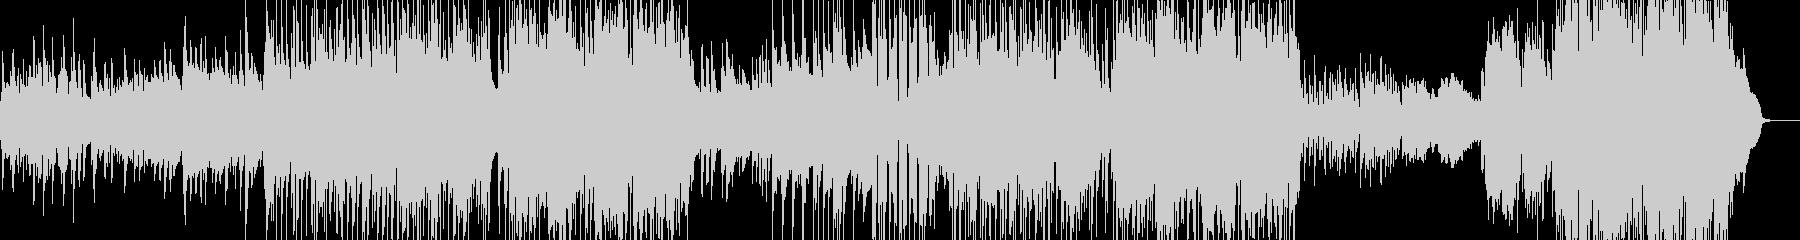 サックス・ストレートなバラード 長尺+の未再生の波形